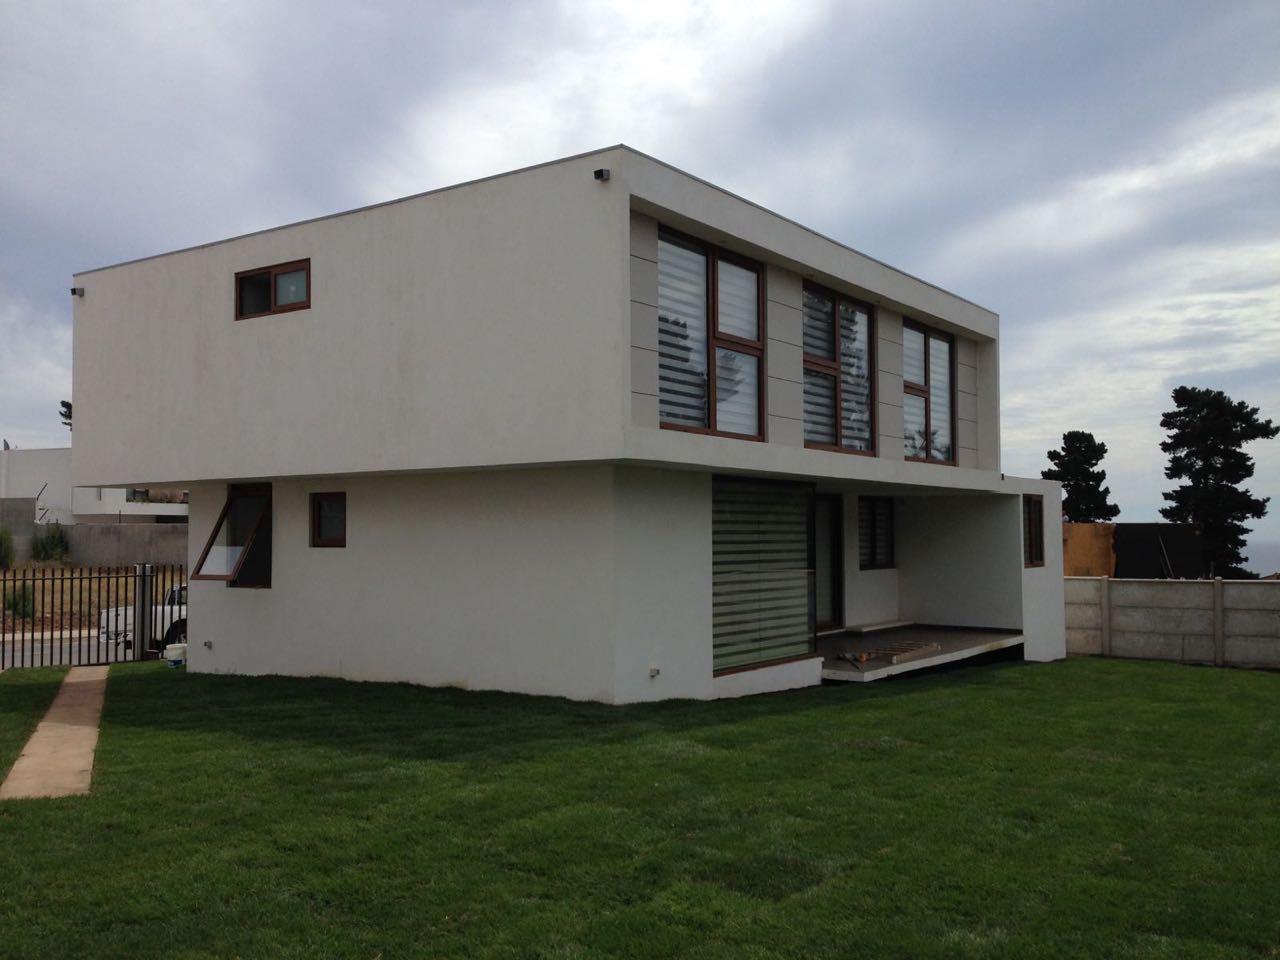 Hermosa Casa Mediterr 225 Nea Bds Propiedades